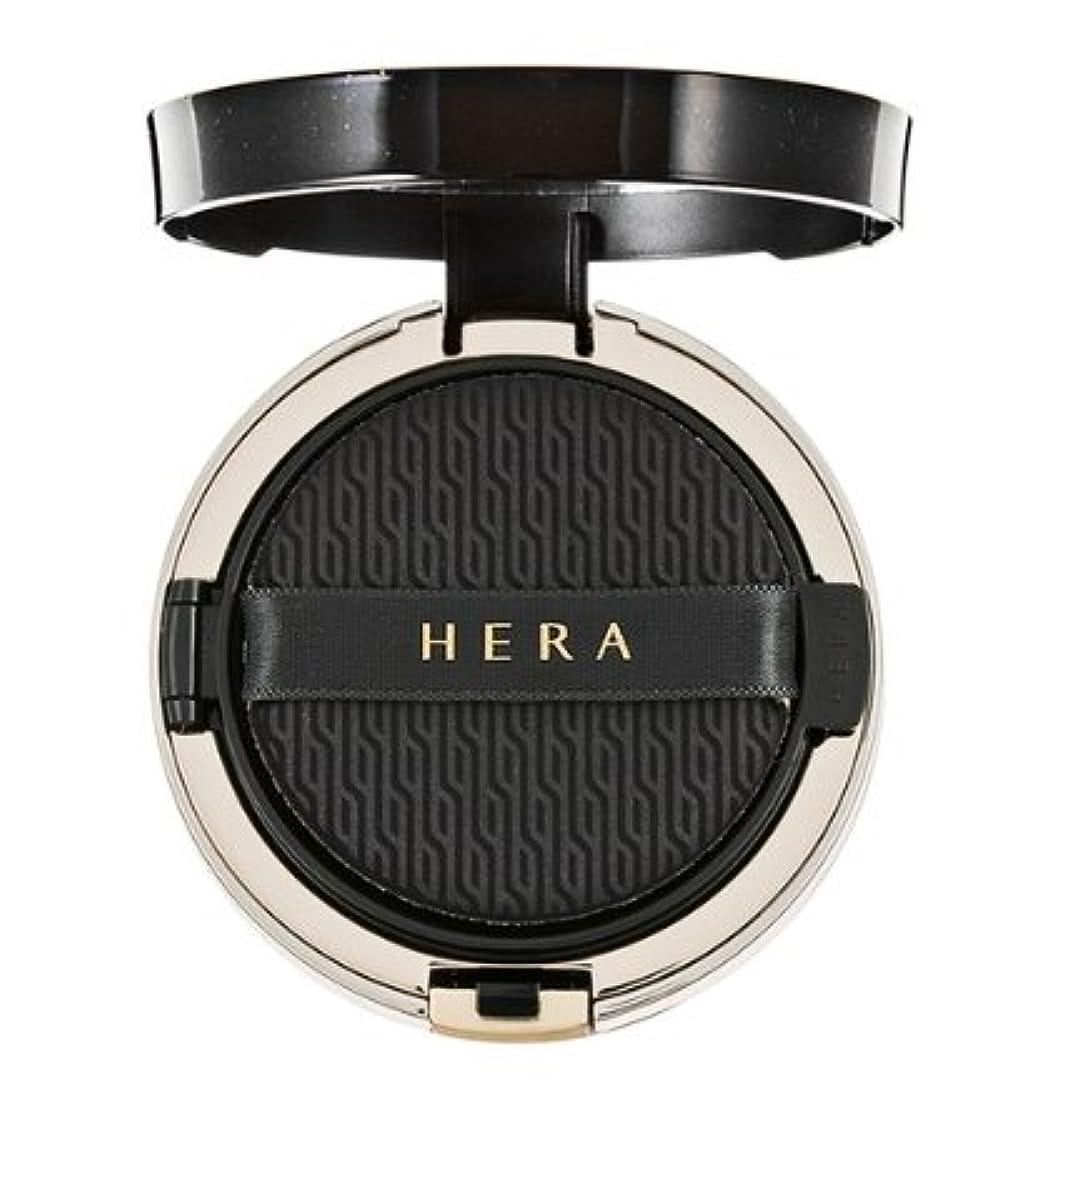 無人ブロンズ集団(ヘラ) Hera ブラッククッション SPF34/PA++ 本品15g+リフィール15g / Black Cushion SPF34/PA++ 15g+Refil15g (No.21 banila) (韓国直発送) shumaman